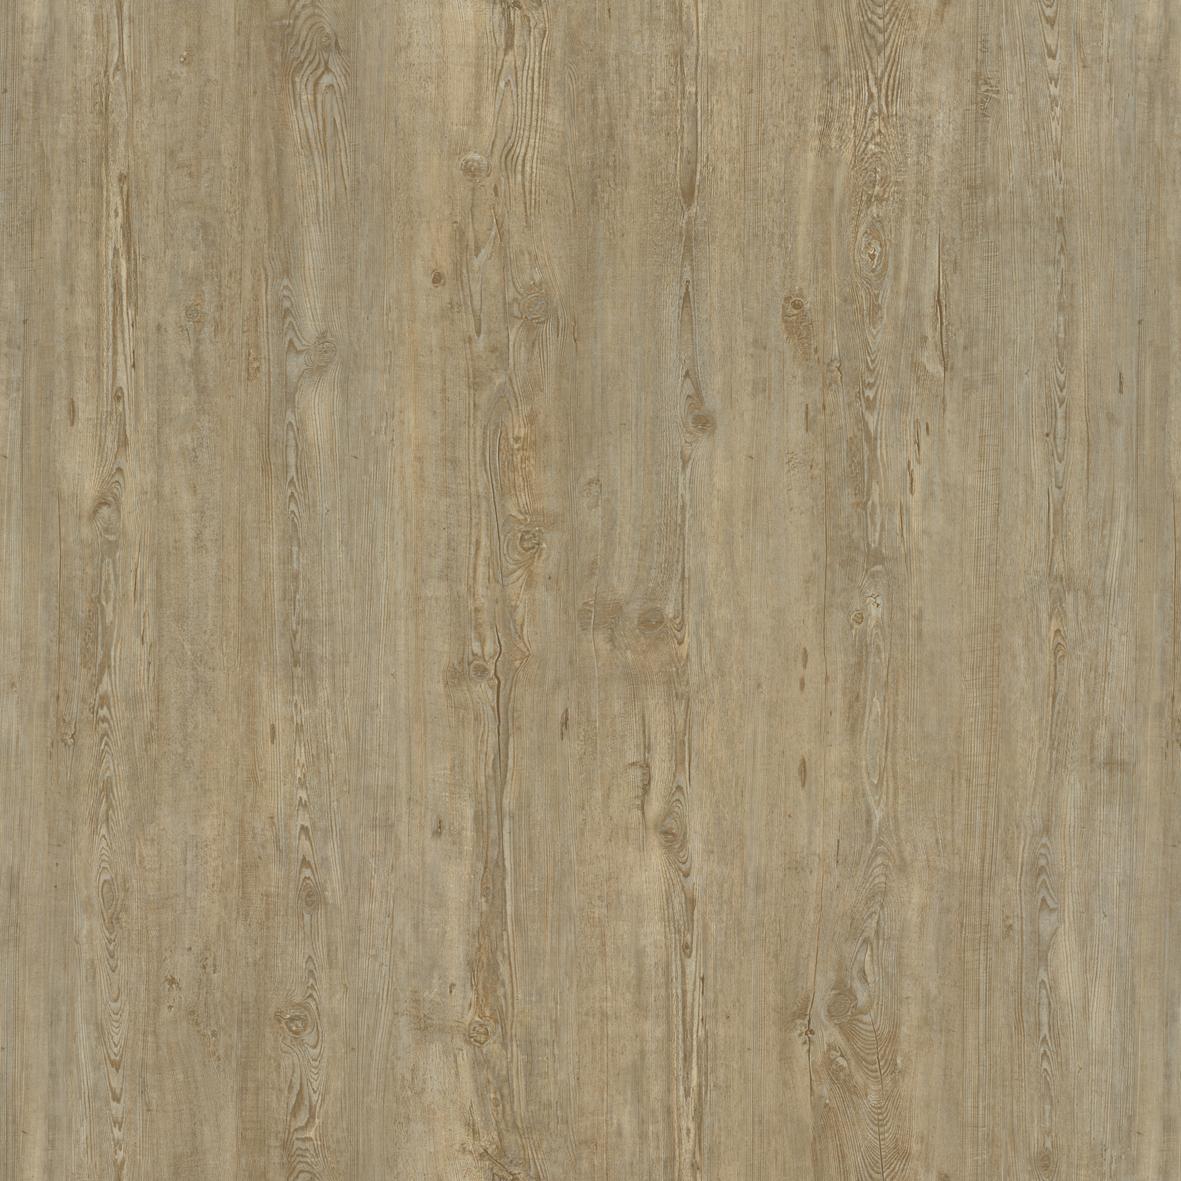 winterfichte amorim vinyl fertigparkett mit hdf tr ger. Black Bedroom Furniture Sets. Home Design Ideas